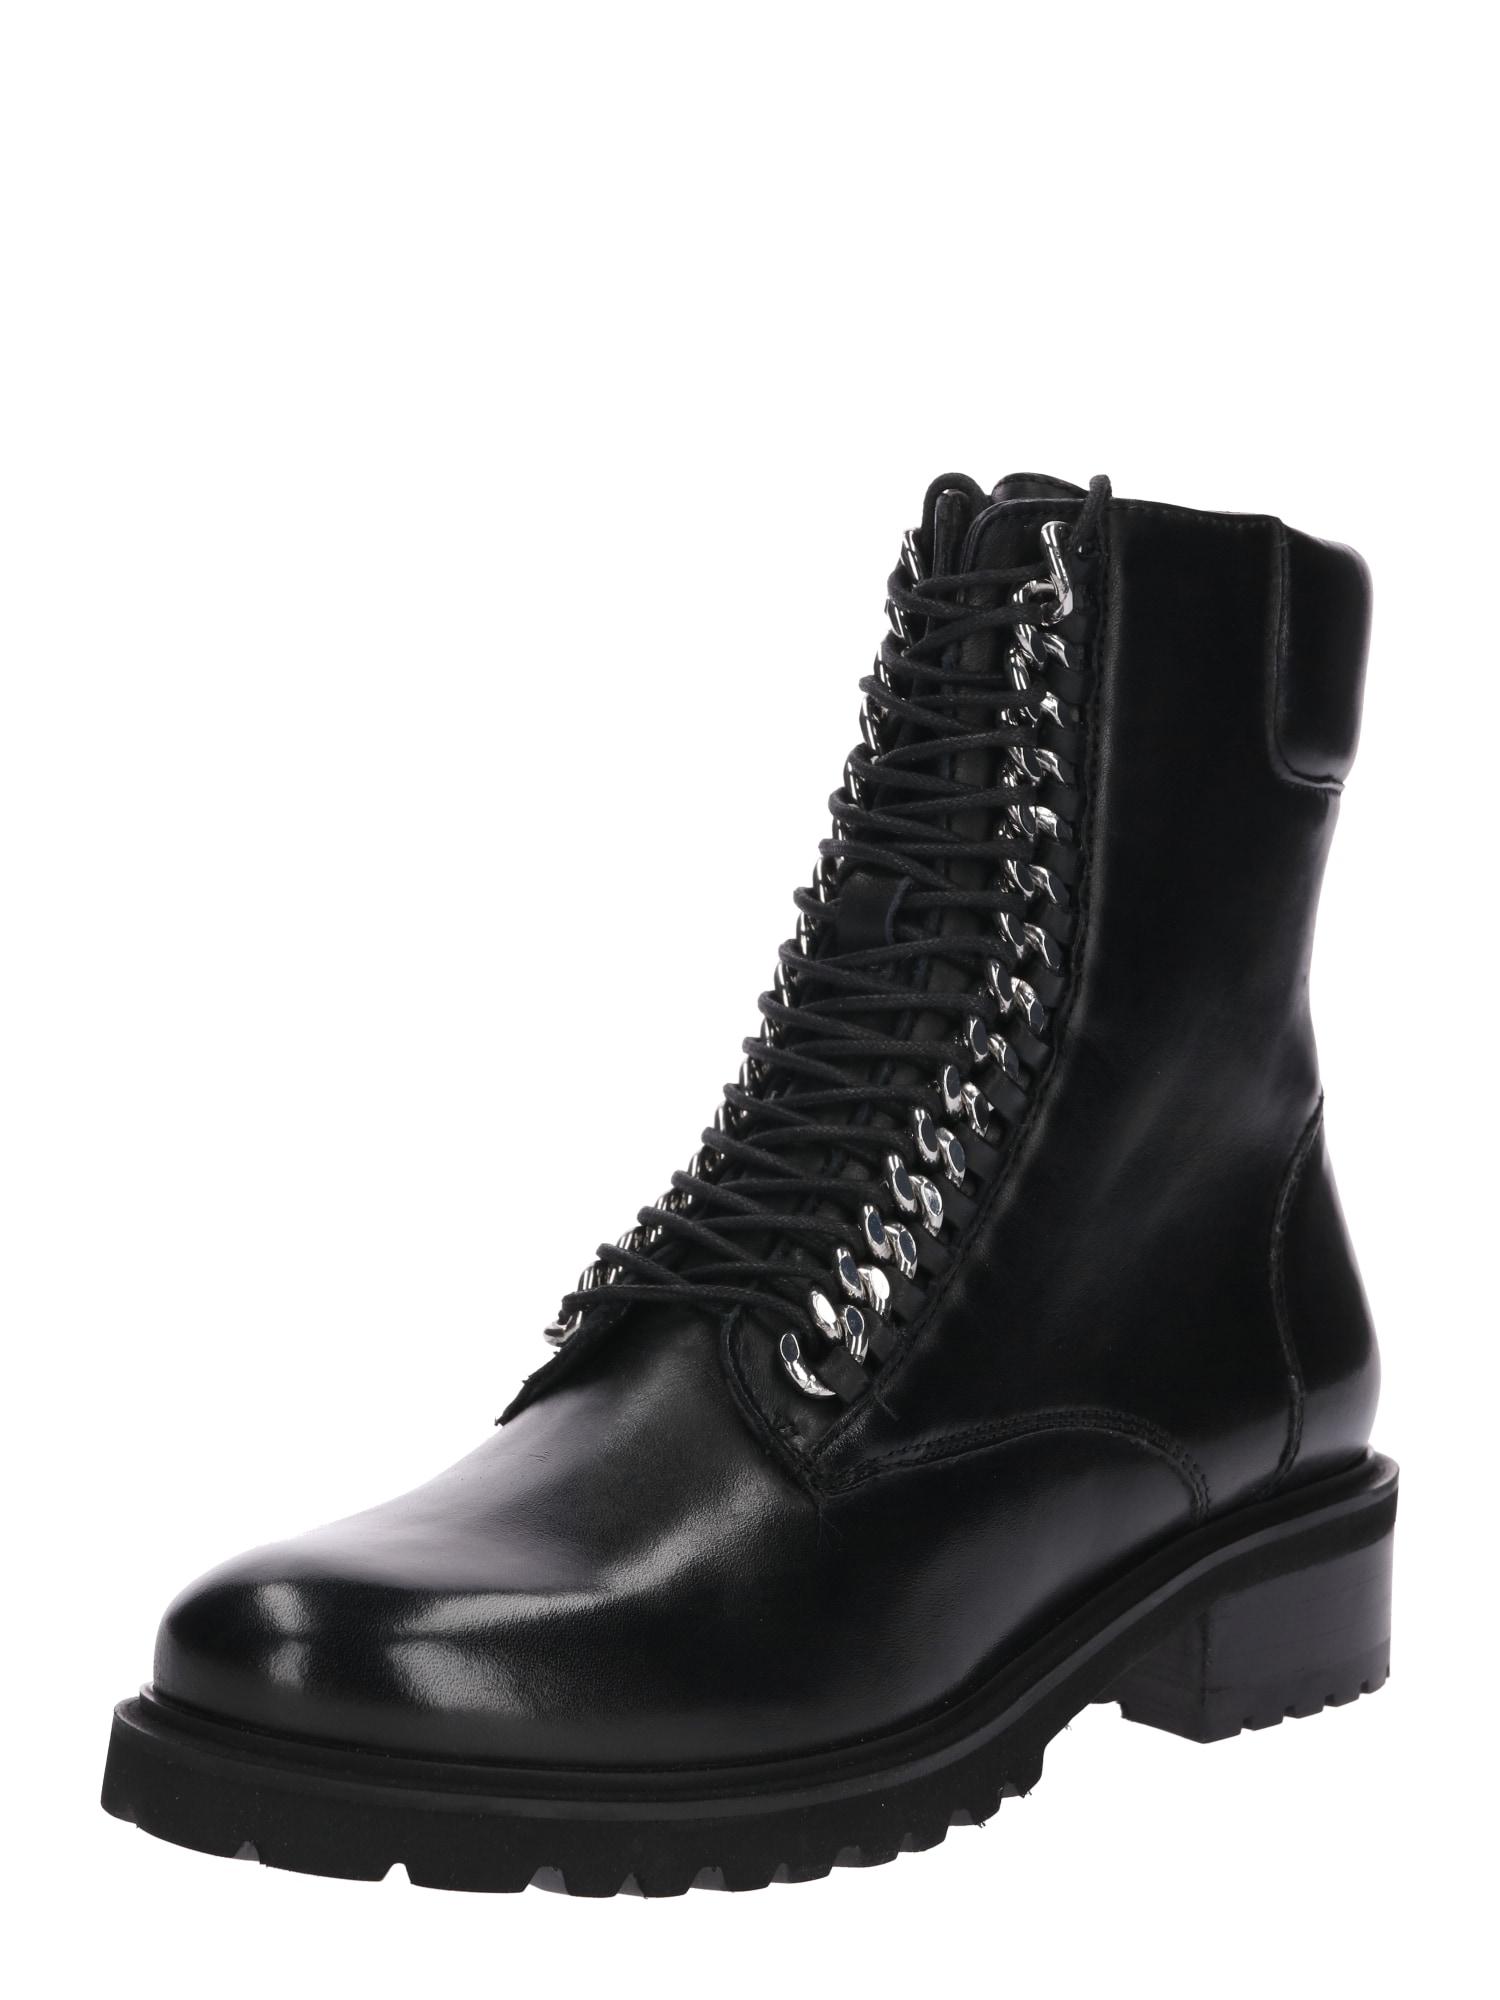 Šněrovací boty Loes černá SPM